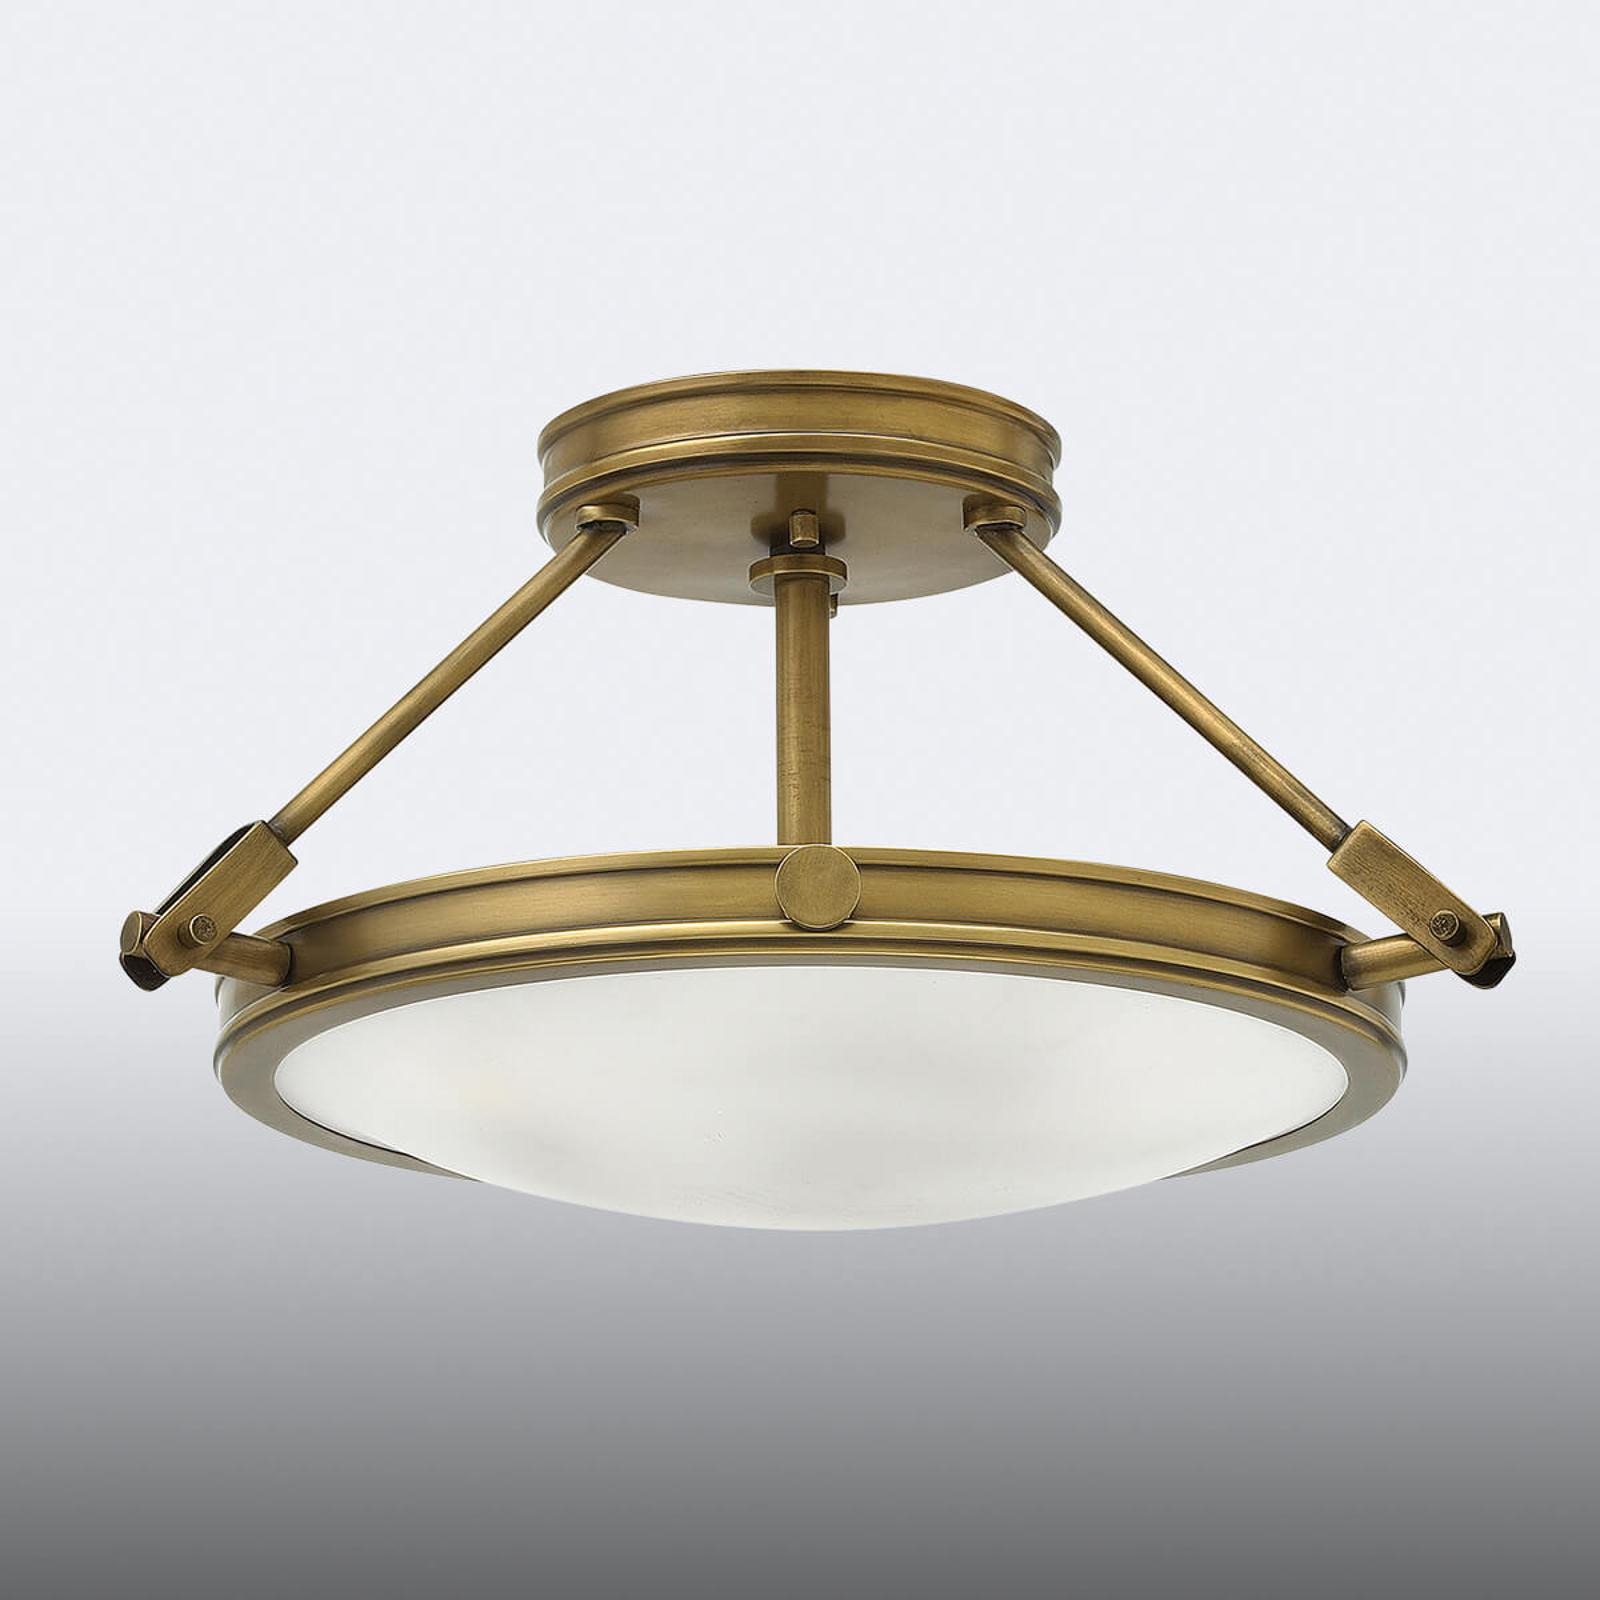 Collier loftlampe med afstand, 41,7 cm